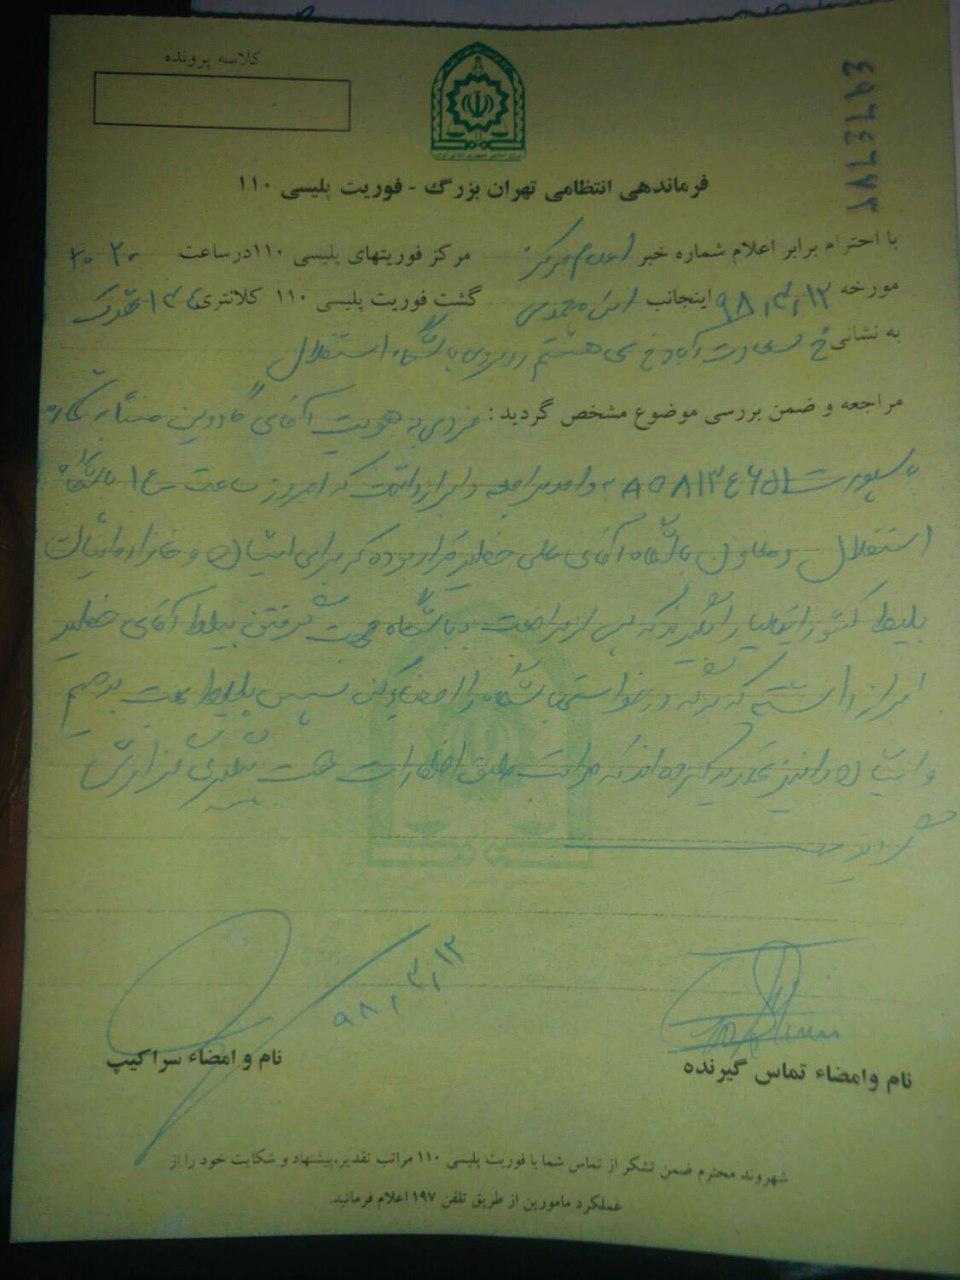 ماجرای پر فراز و نشیب گادوین منشا در لیگ ایران/ماجرای تختخواب و زندانی شدن گادوین منشا چه بود؟